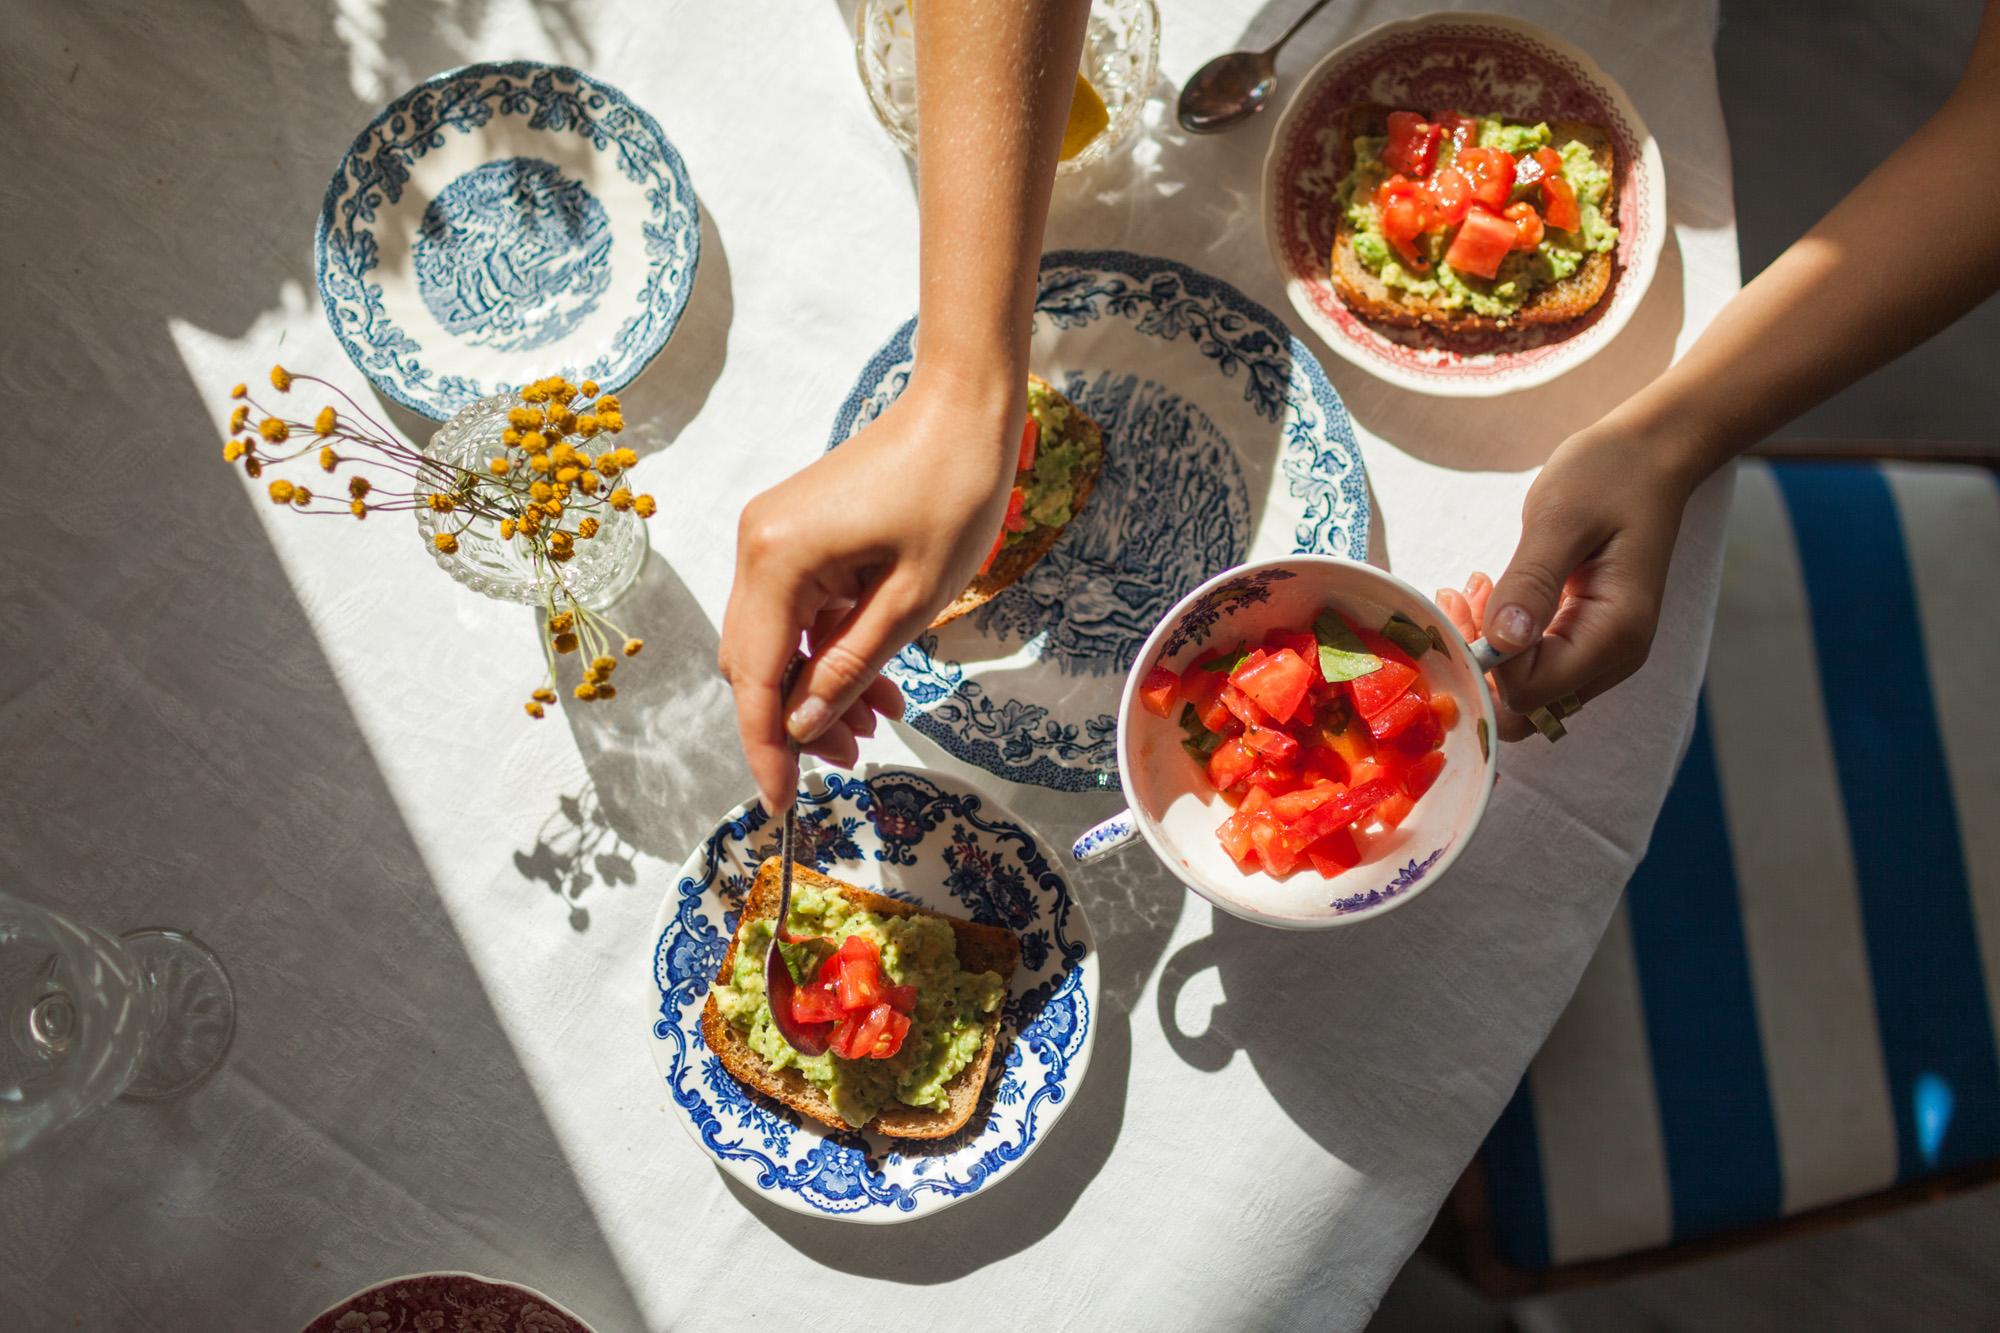 Kuchnia Z Przeszłości Zwykłe życie